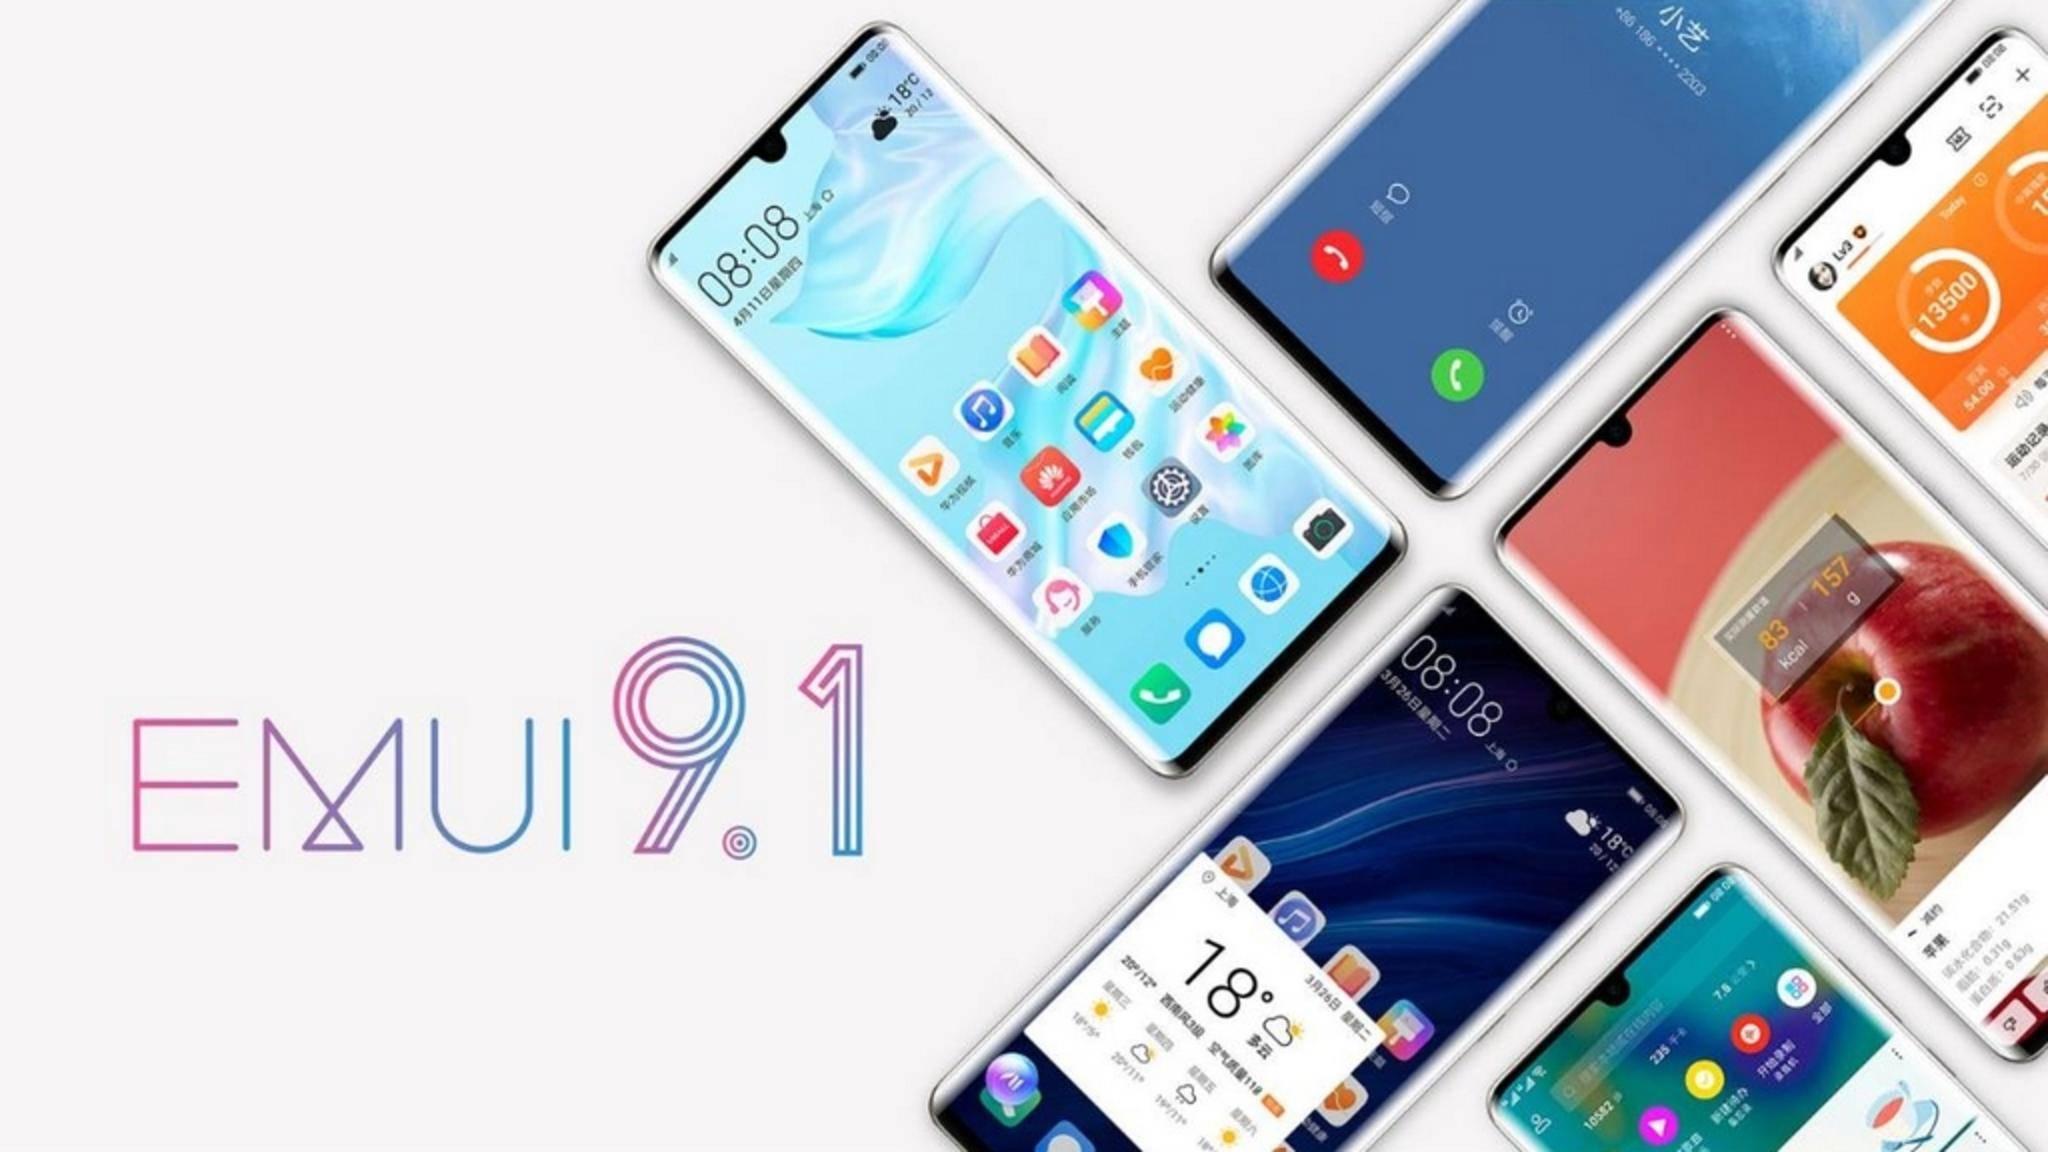 Huawei liefert trotz US-Bann weiterhin Updates für seine Smartphones.